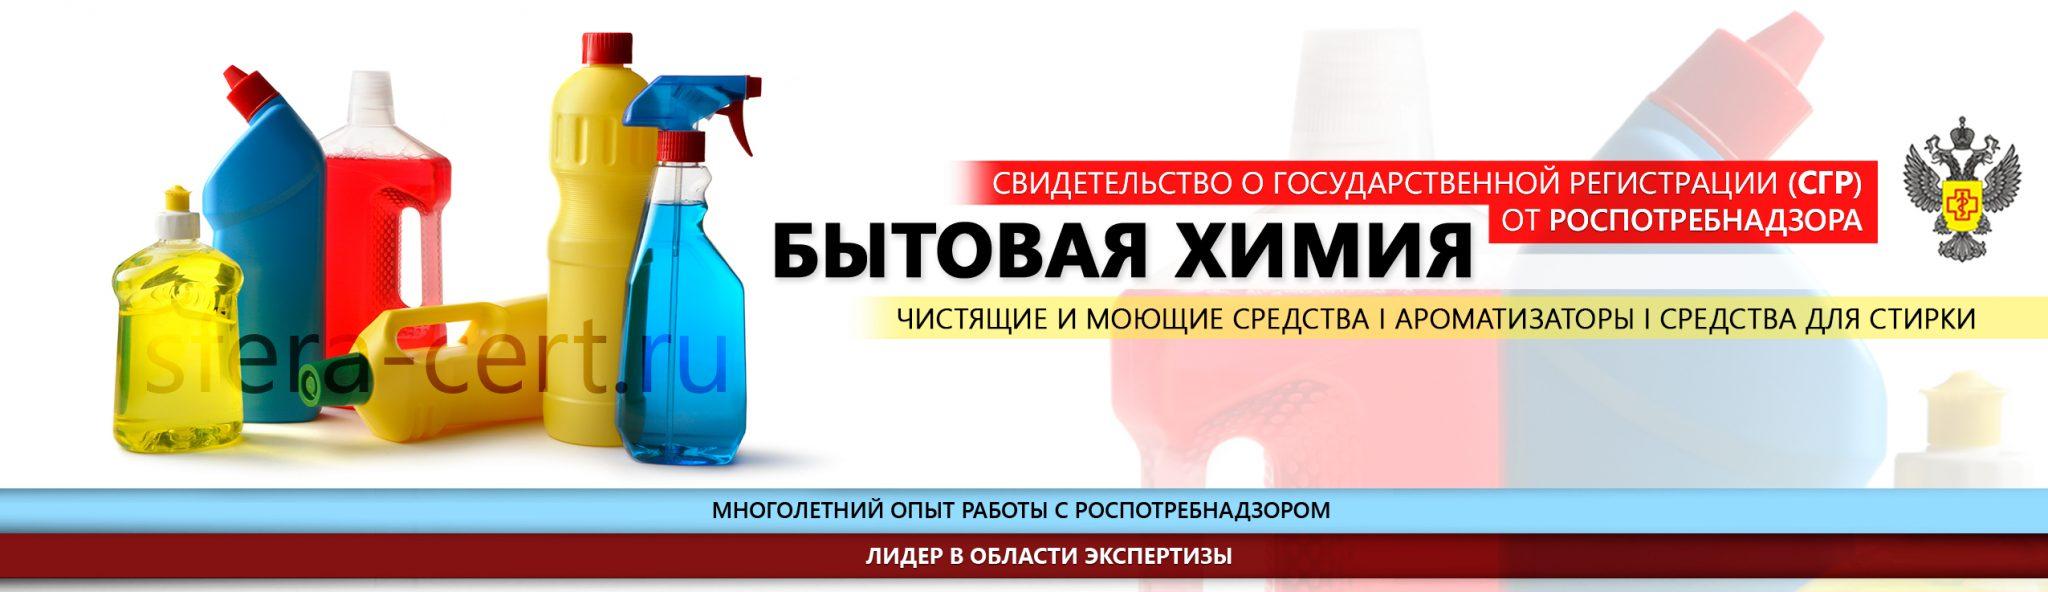 Государственная регистрация бытовой химии баннер